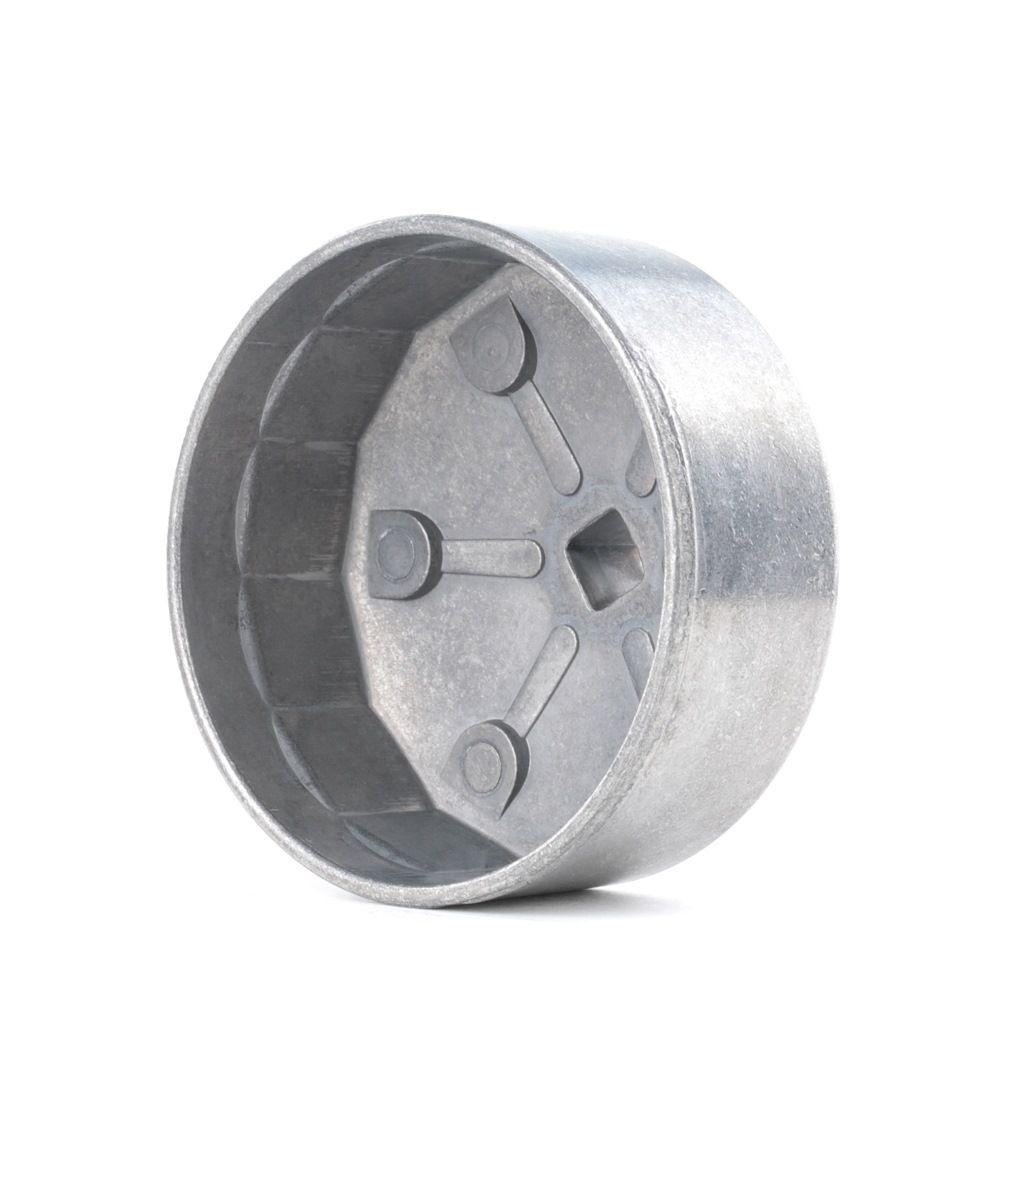 Klíč - olejový filtr 2169 koupit 24/7!